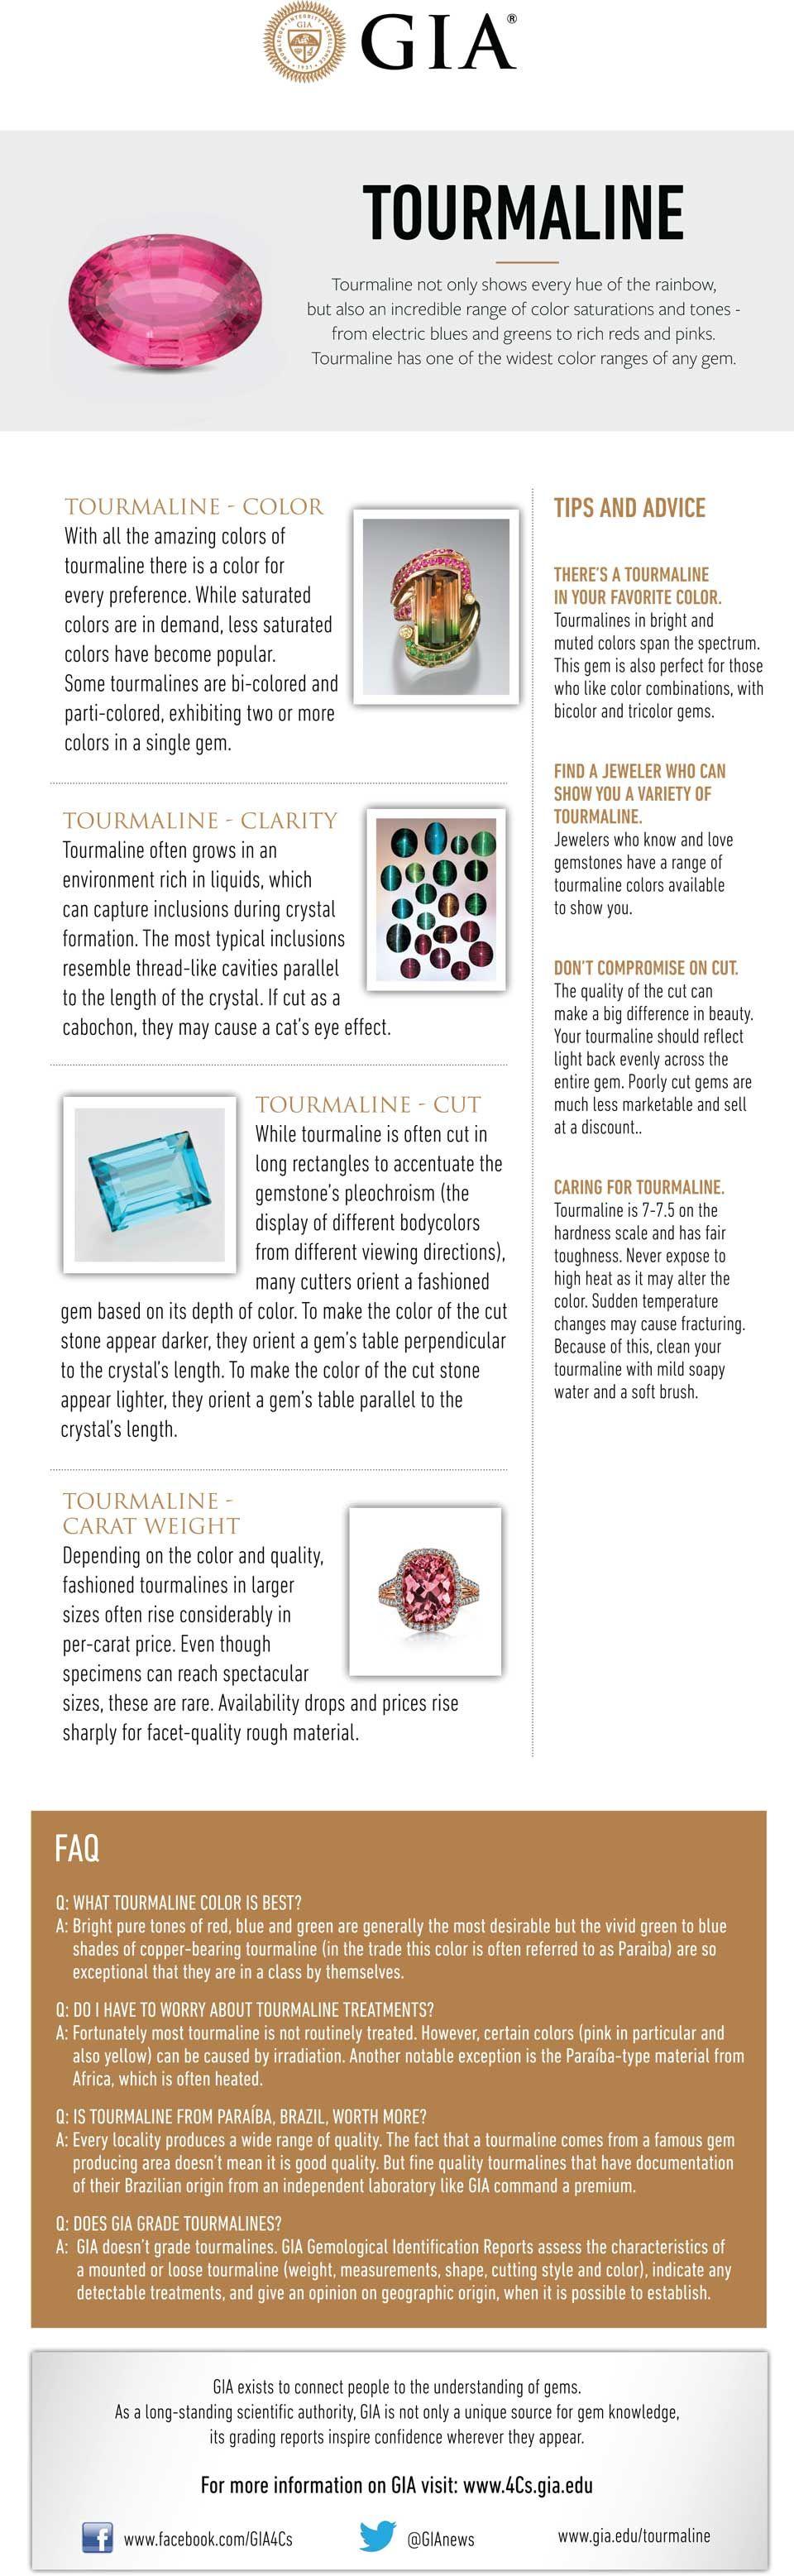 Tourmaline Buying Guide. GIA (021815)